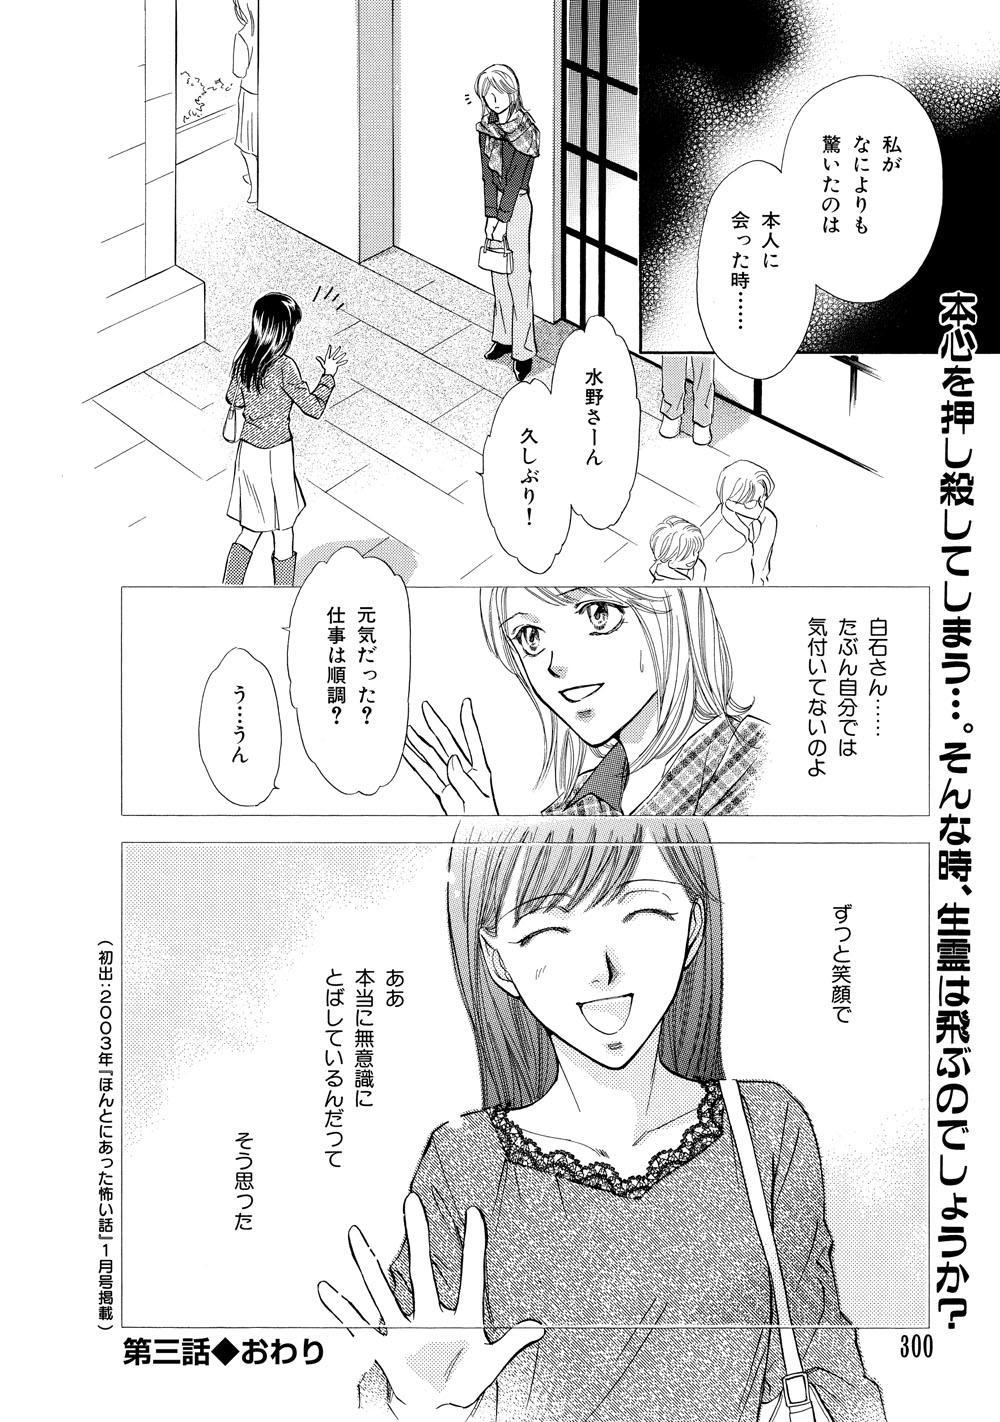 テレビ版_ほん怖_300.jpg